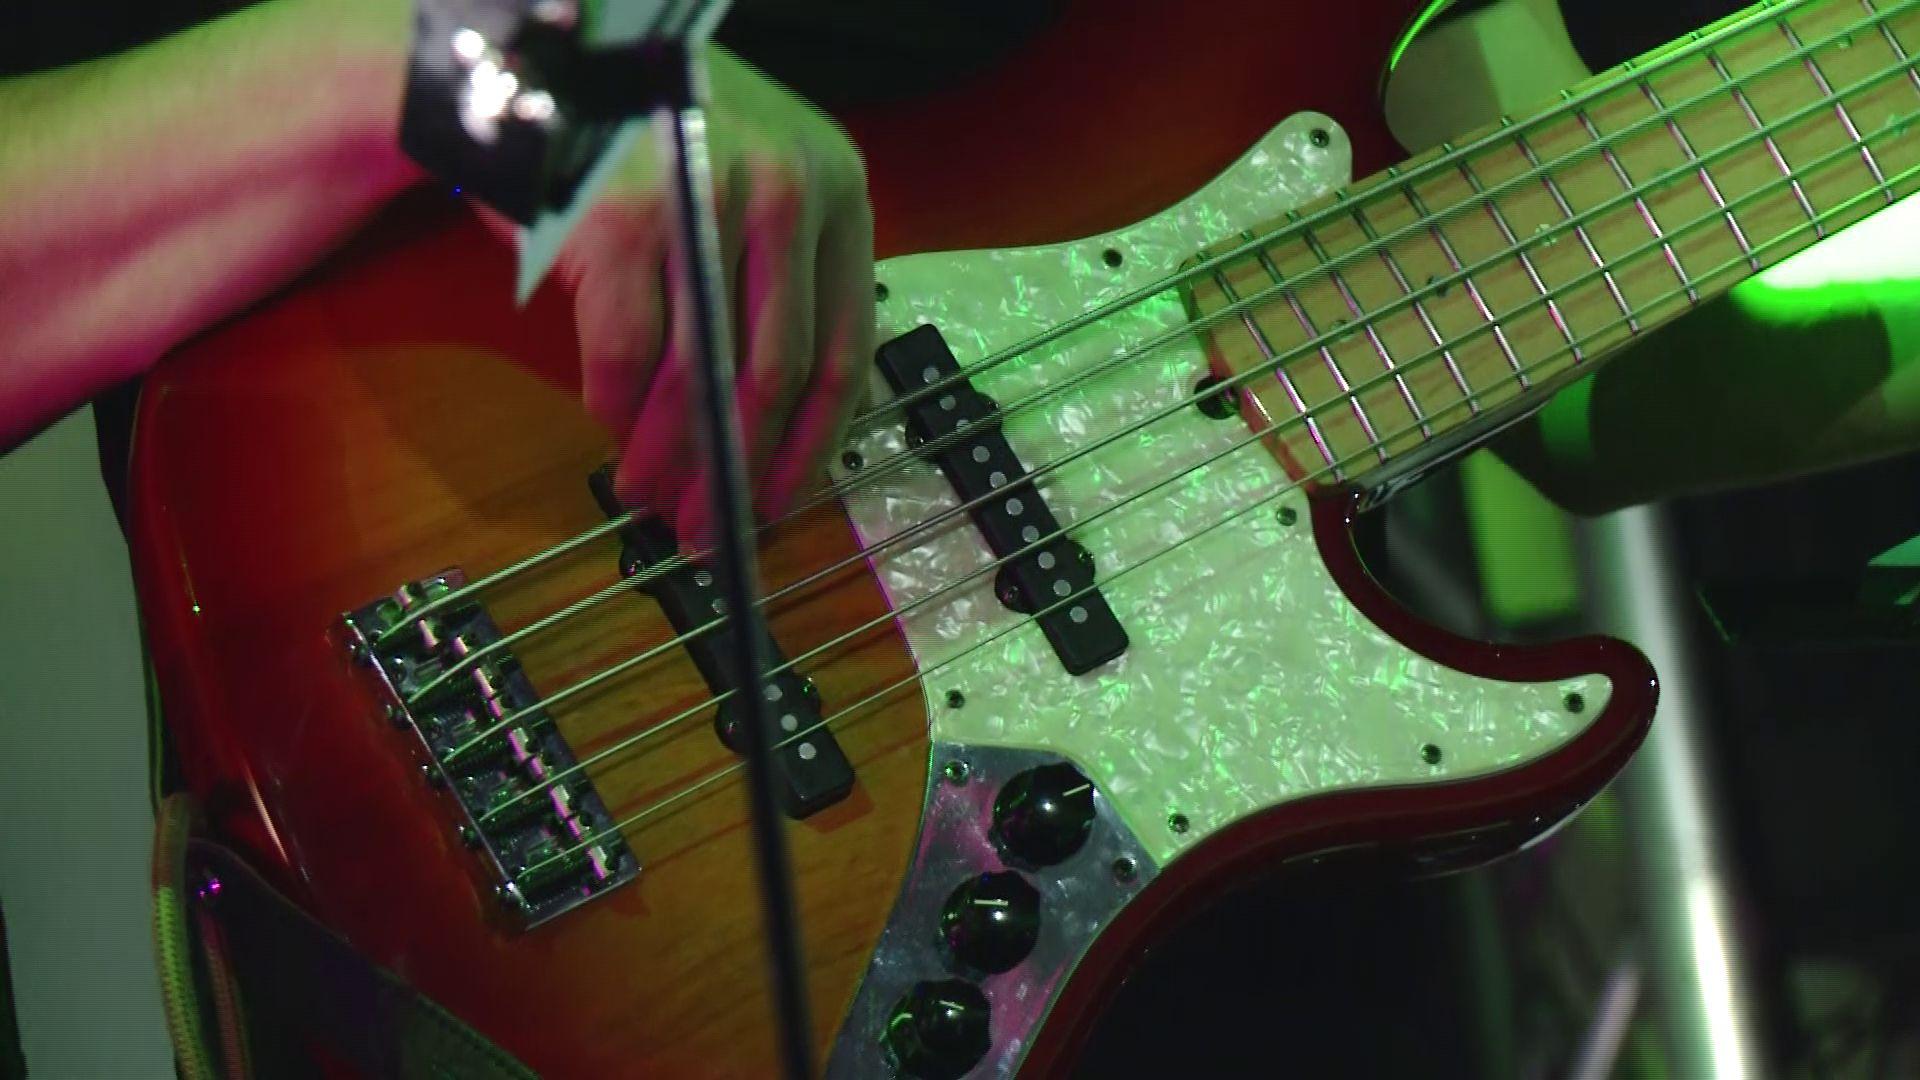 Ярославских мужчин с праздником поздравили кавер-версиями рок-хитов